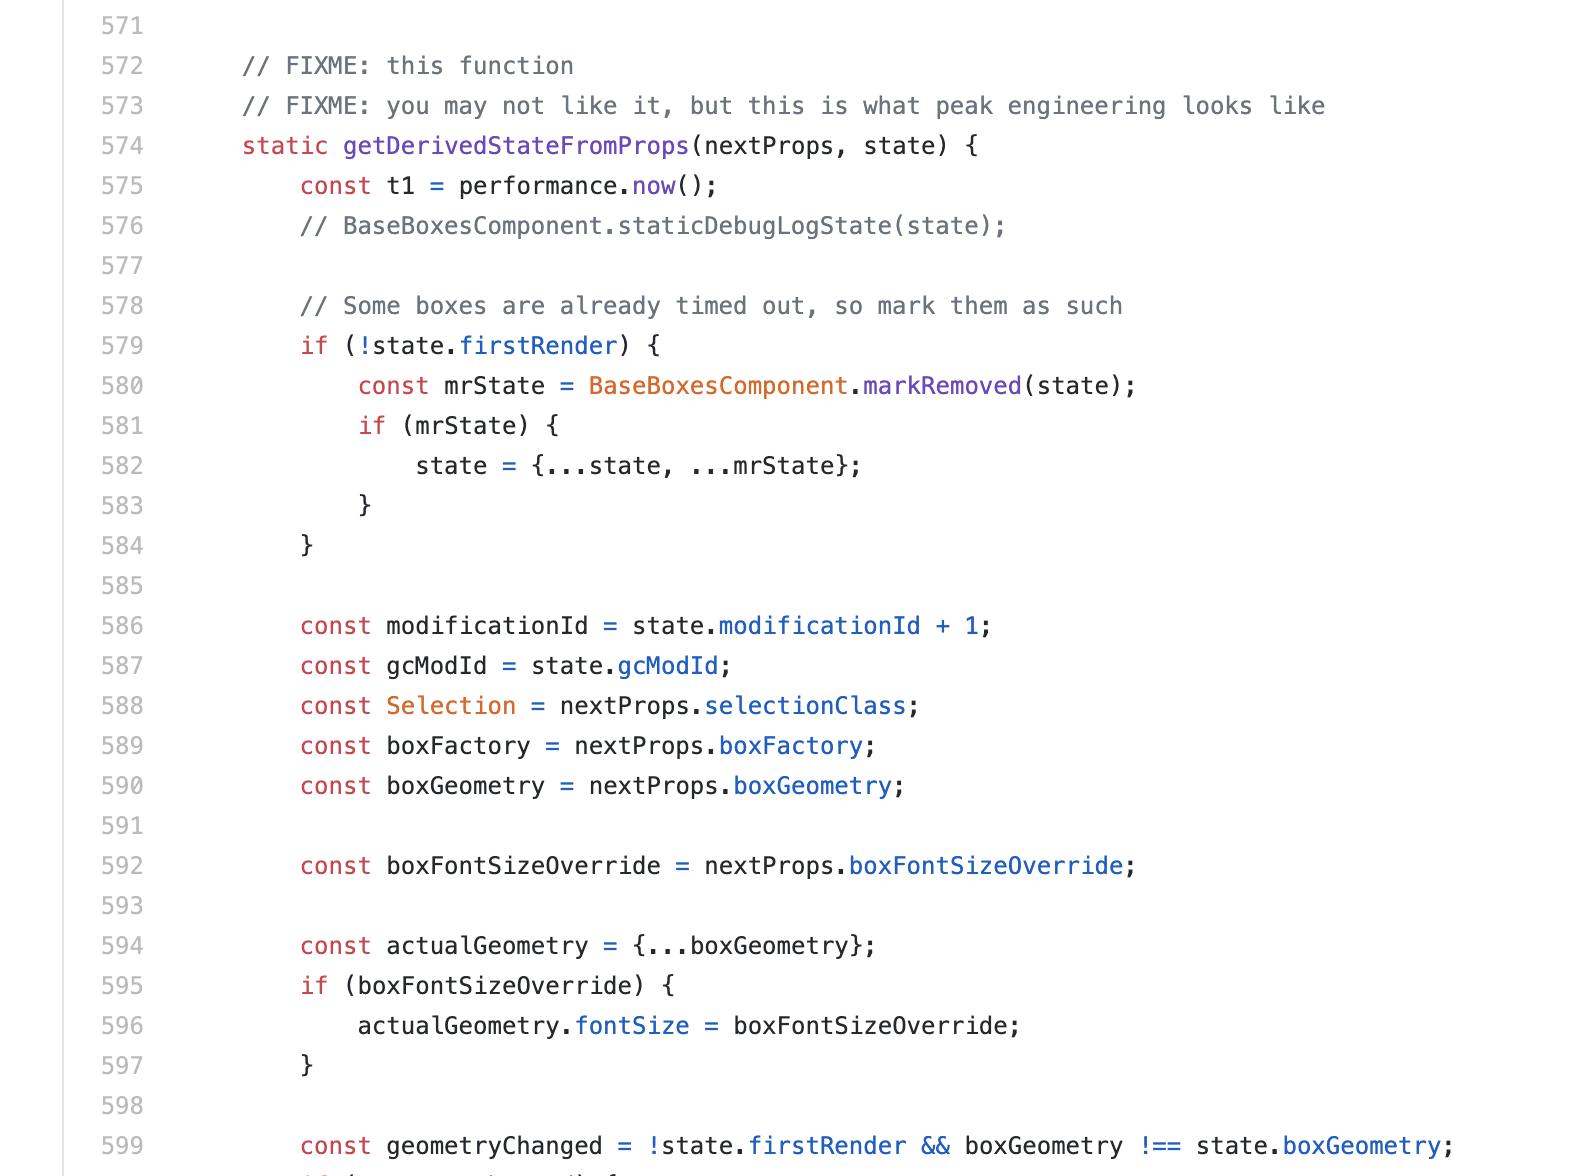 Как я пытался придумать новый подход к изучению алгоритмов через интерактивные визуализации - 6